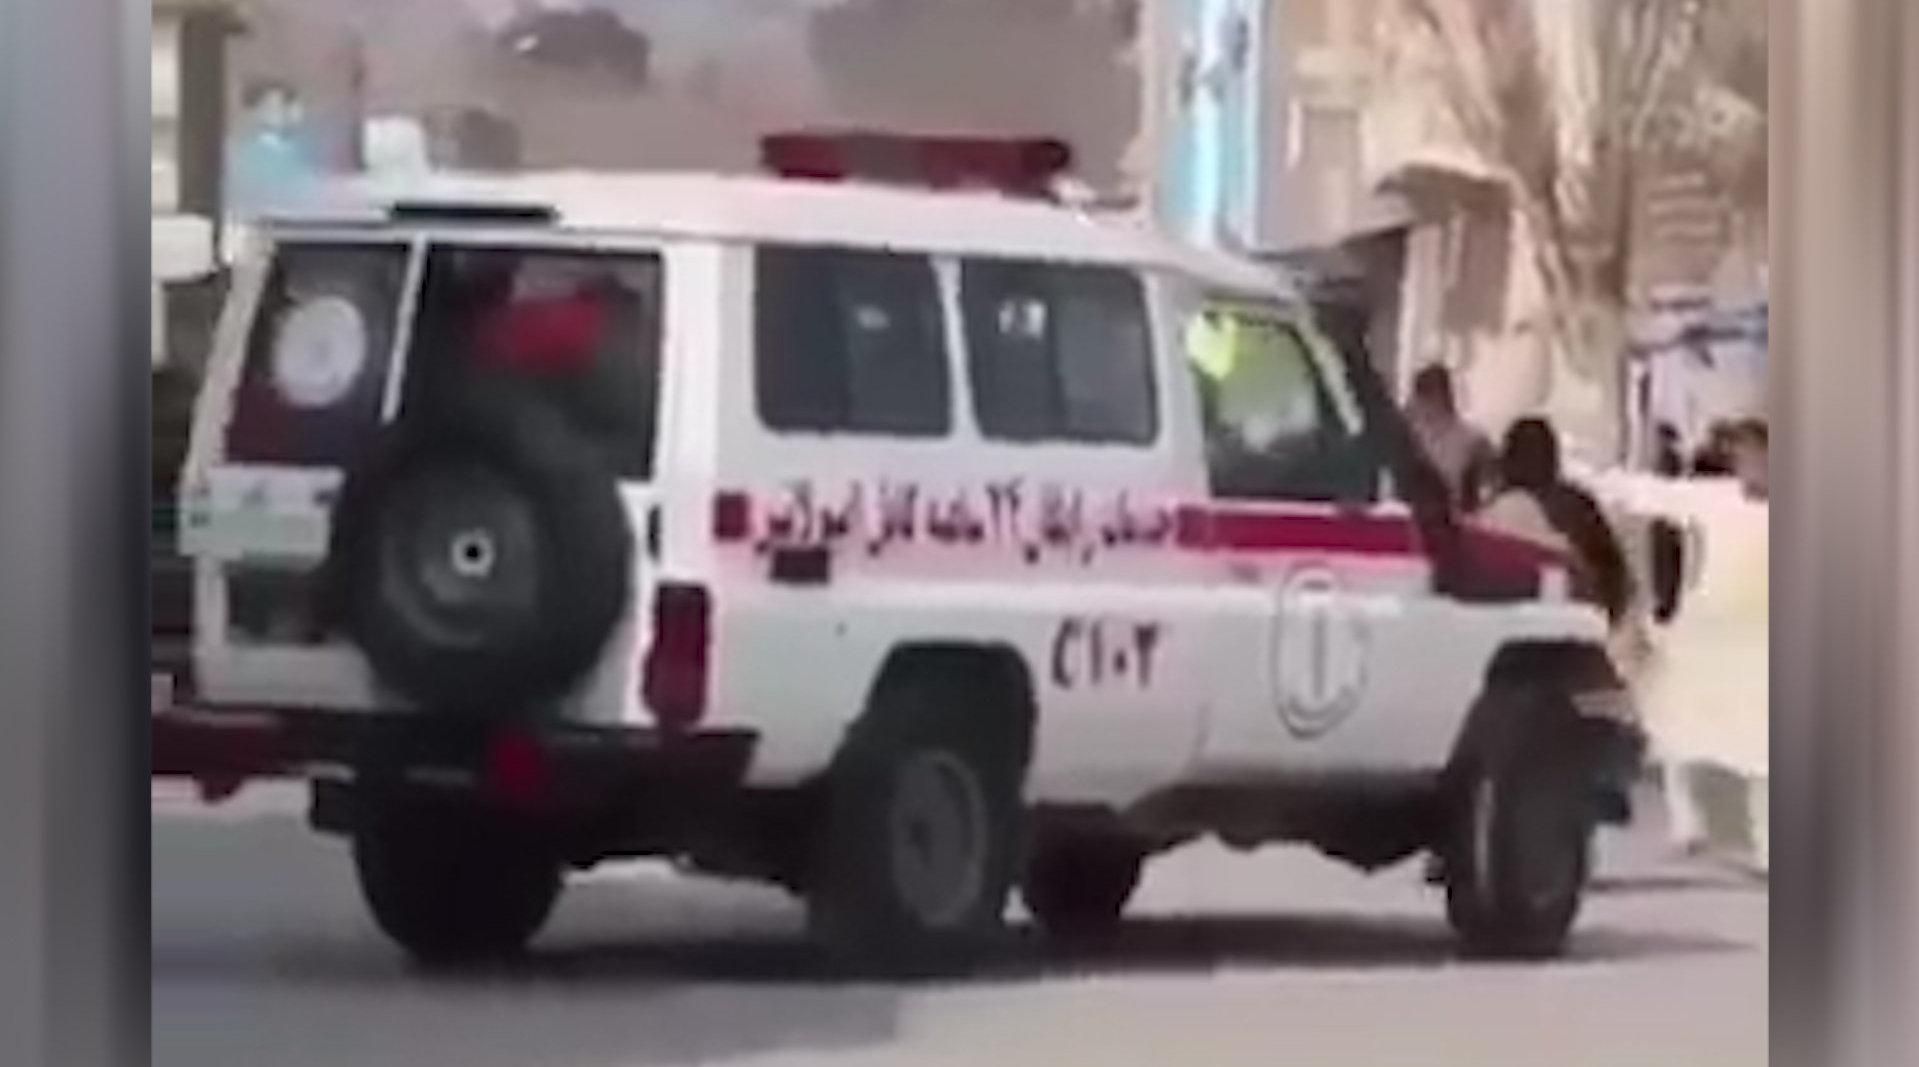 悲剧重演!阿富汗民众庆祝新年遭爆炸致6死 总统情绪激动怒斥暴徒